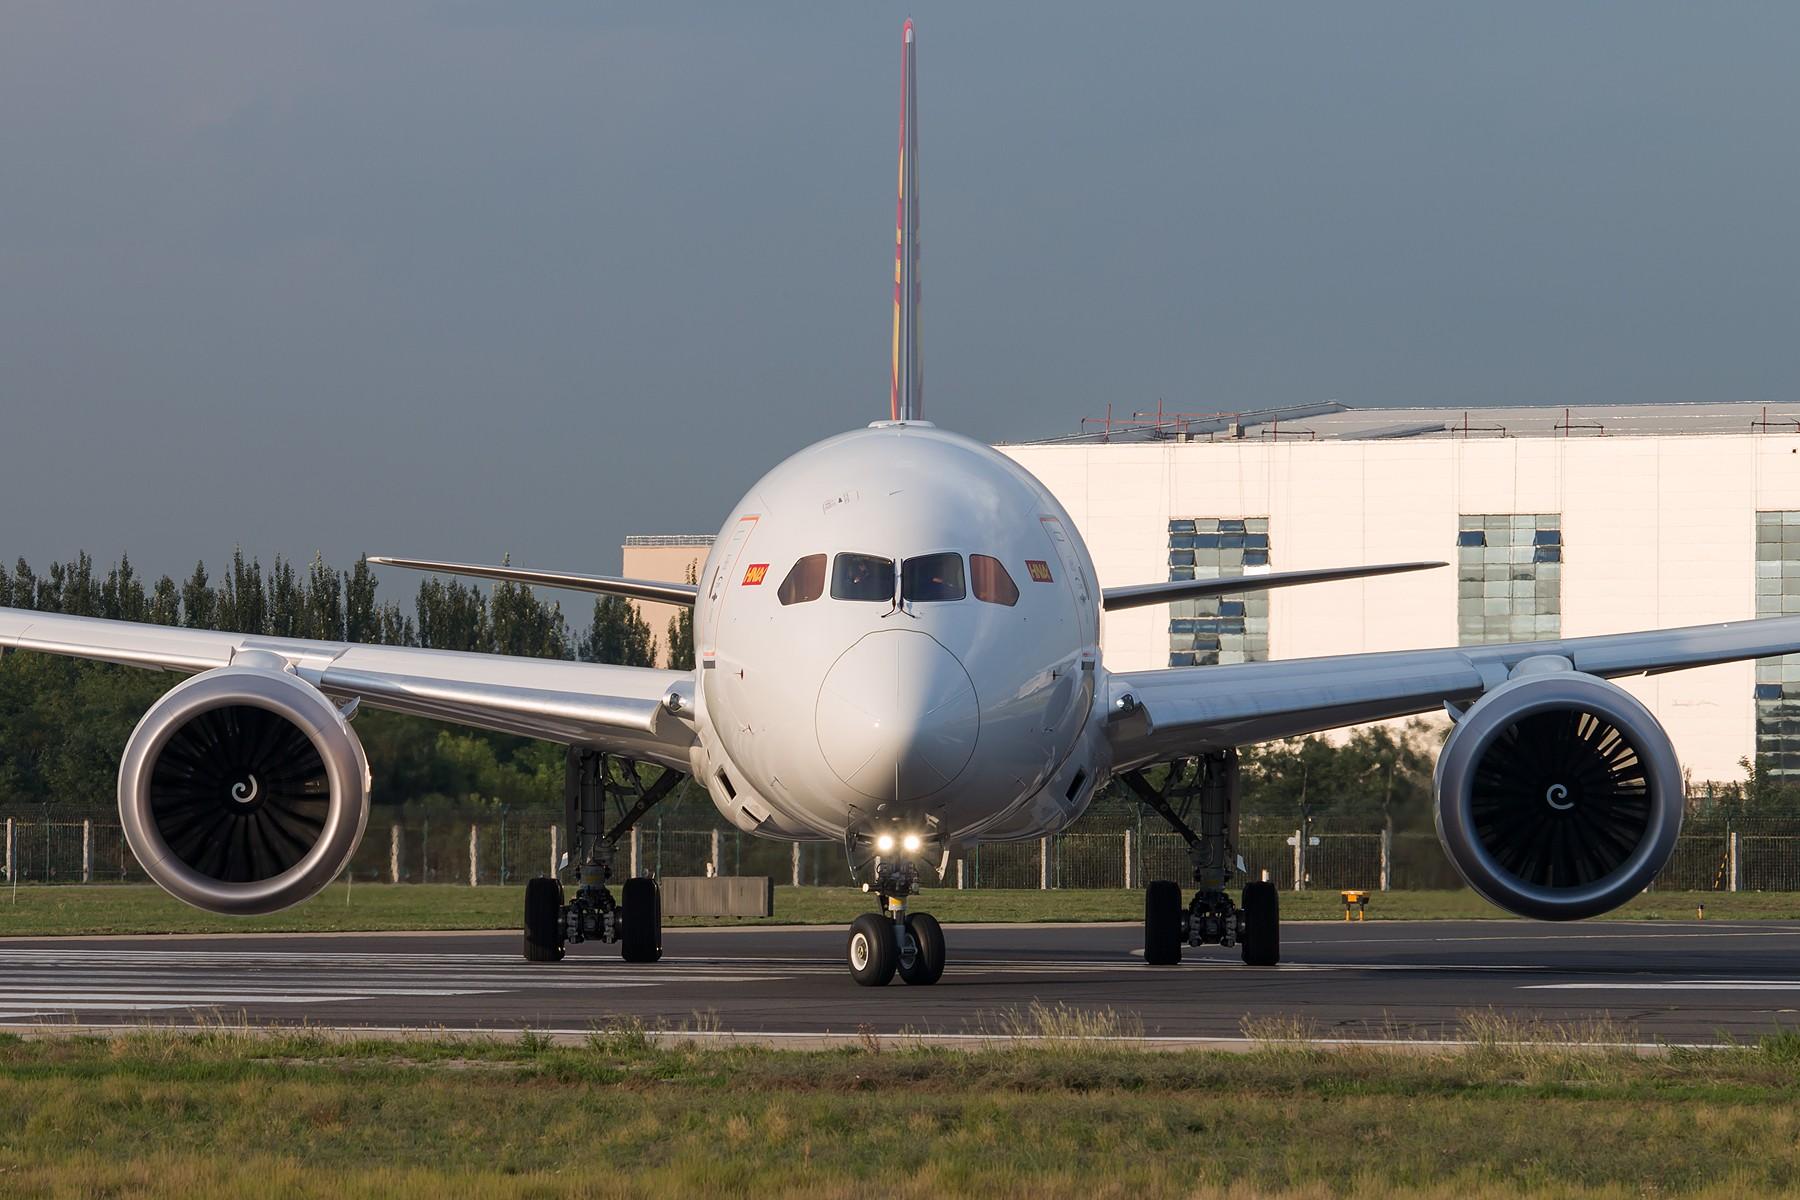 海南航空 B-7880 B787-9 1800*1200 BOEING 787-9 B-7880 中国北京首都国际机场